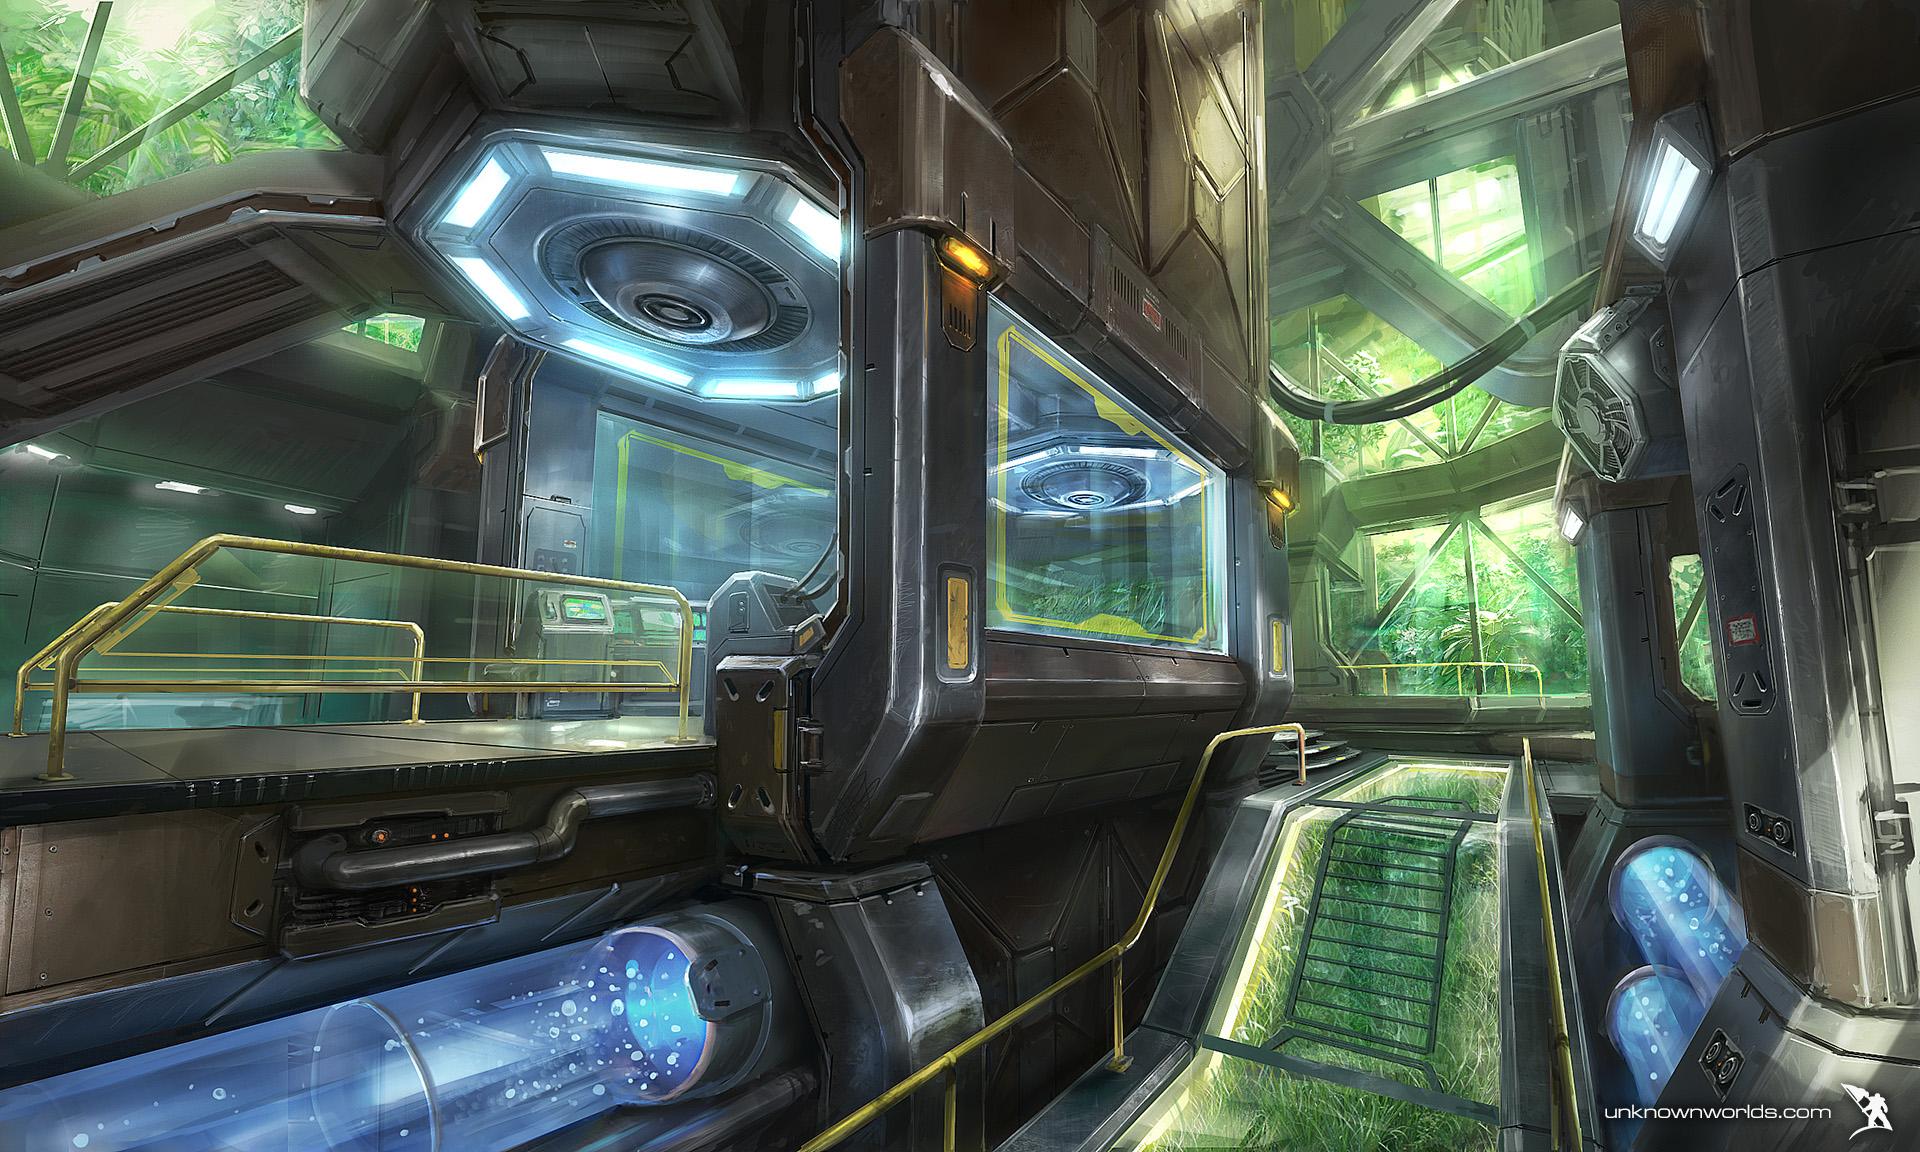 BioSphere_mediumRes.jpg